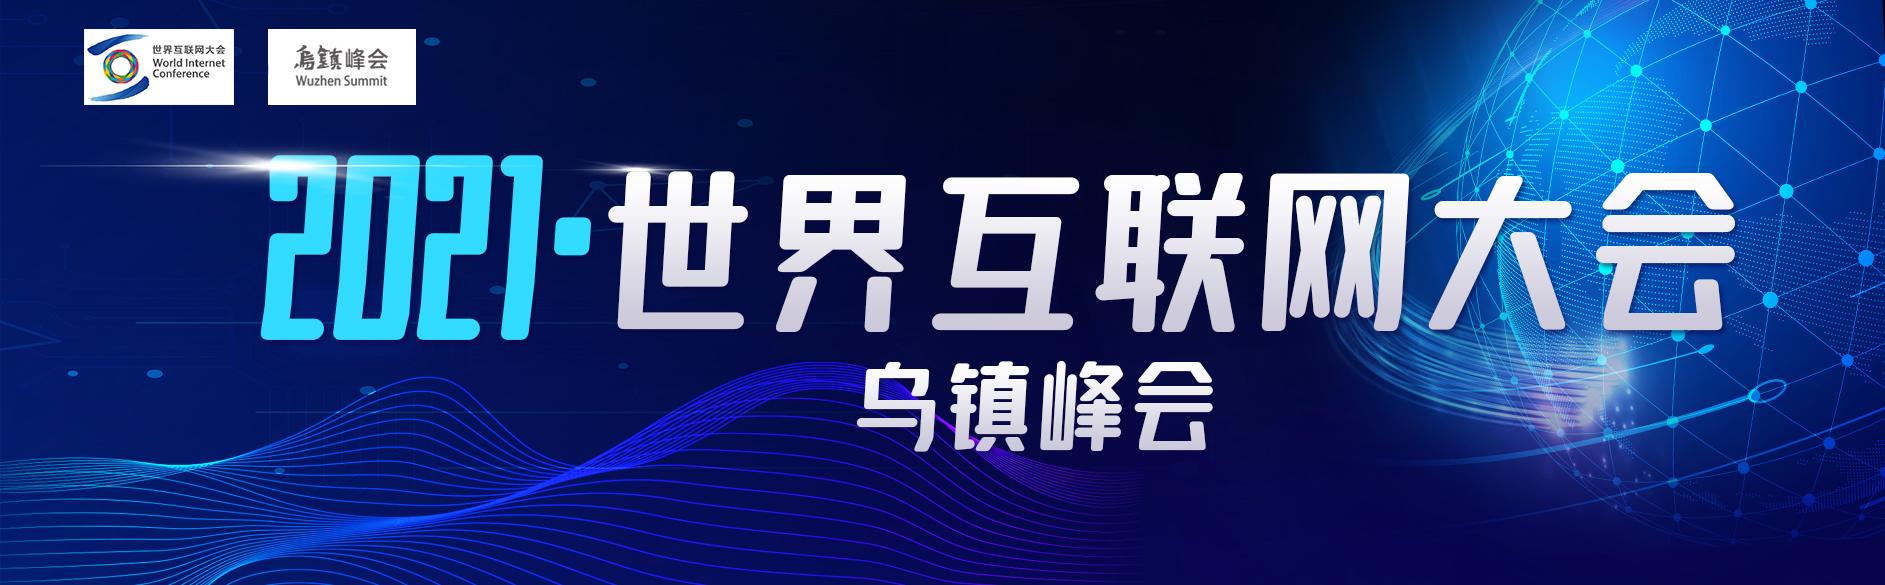 2021世界網際網路大會烏鎮峰會